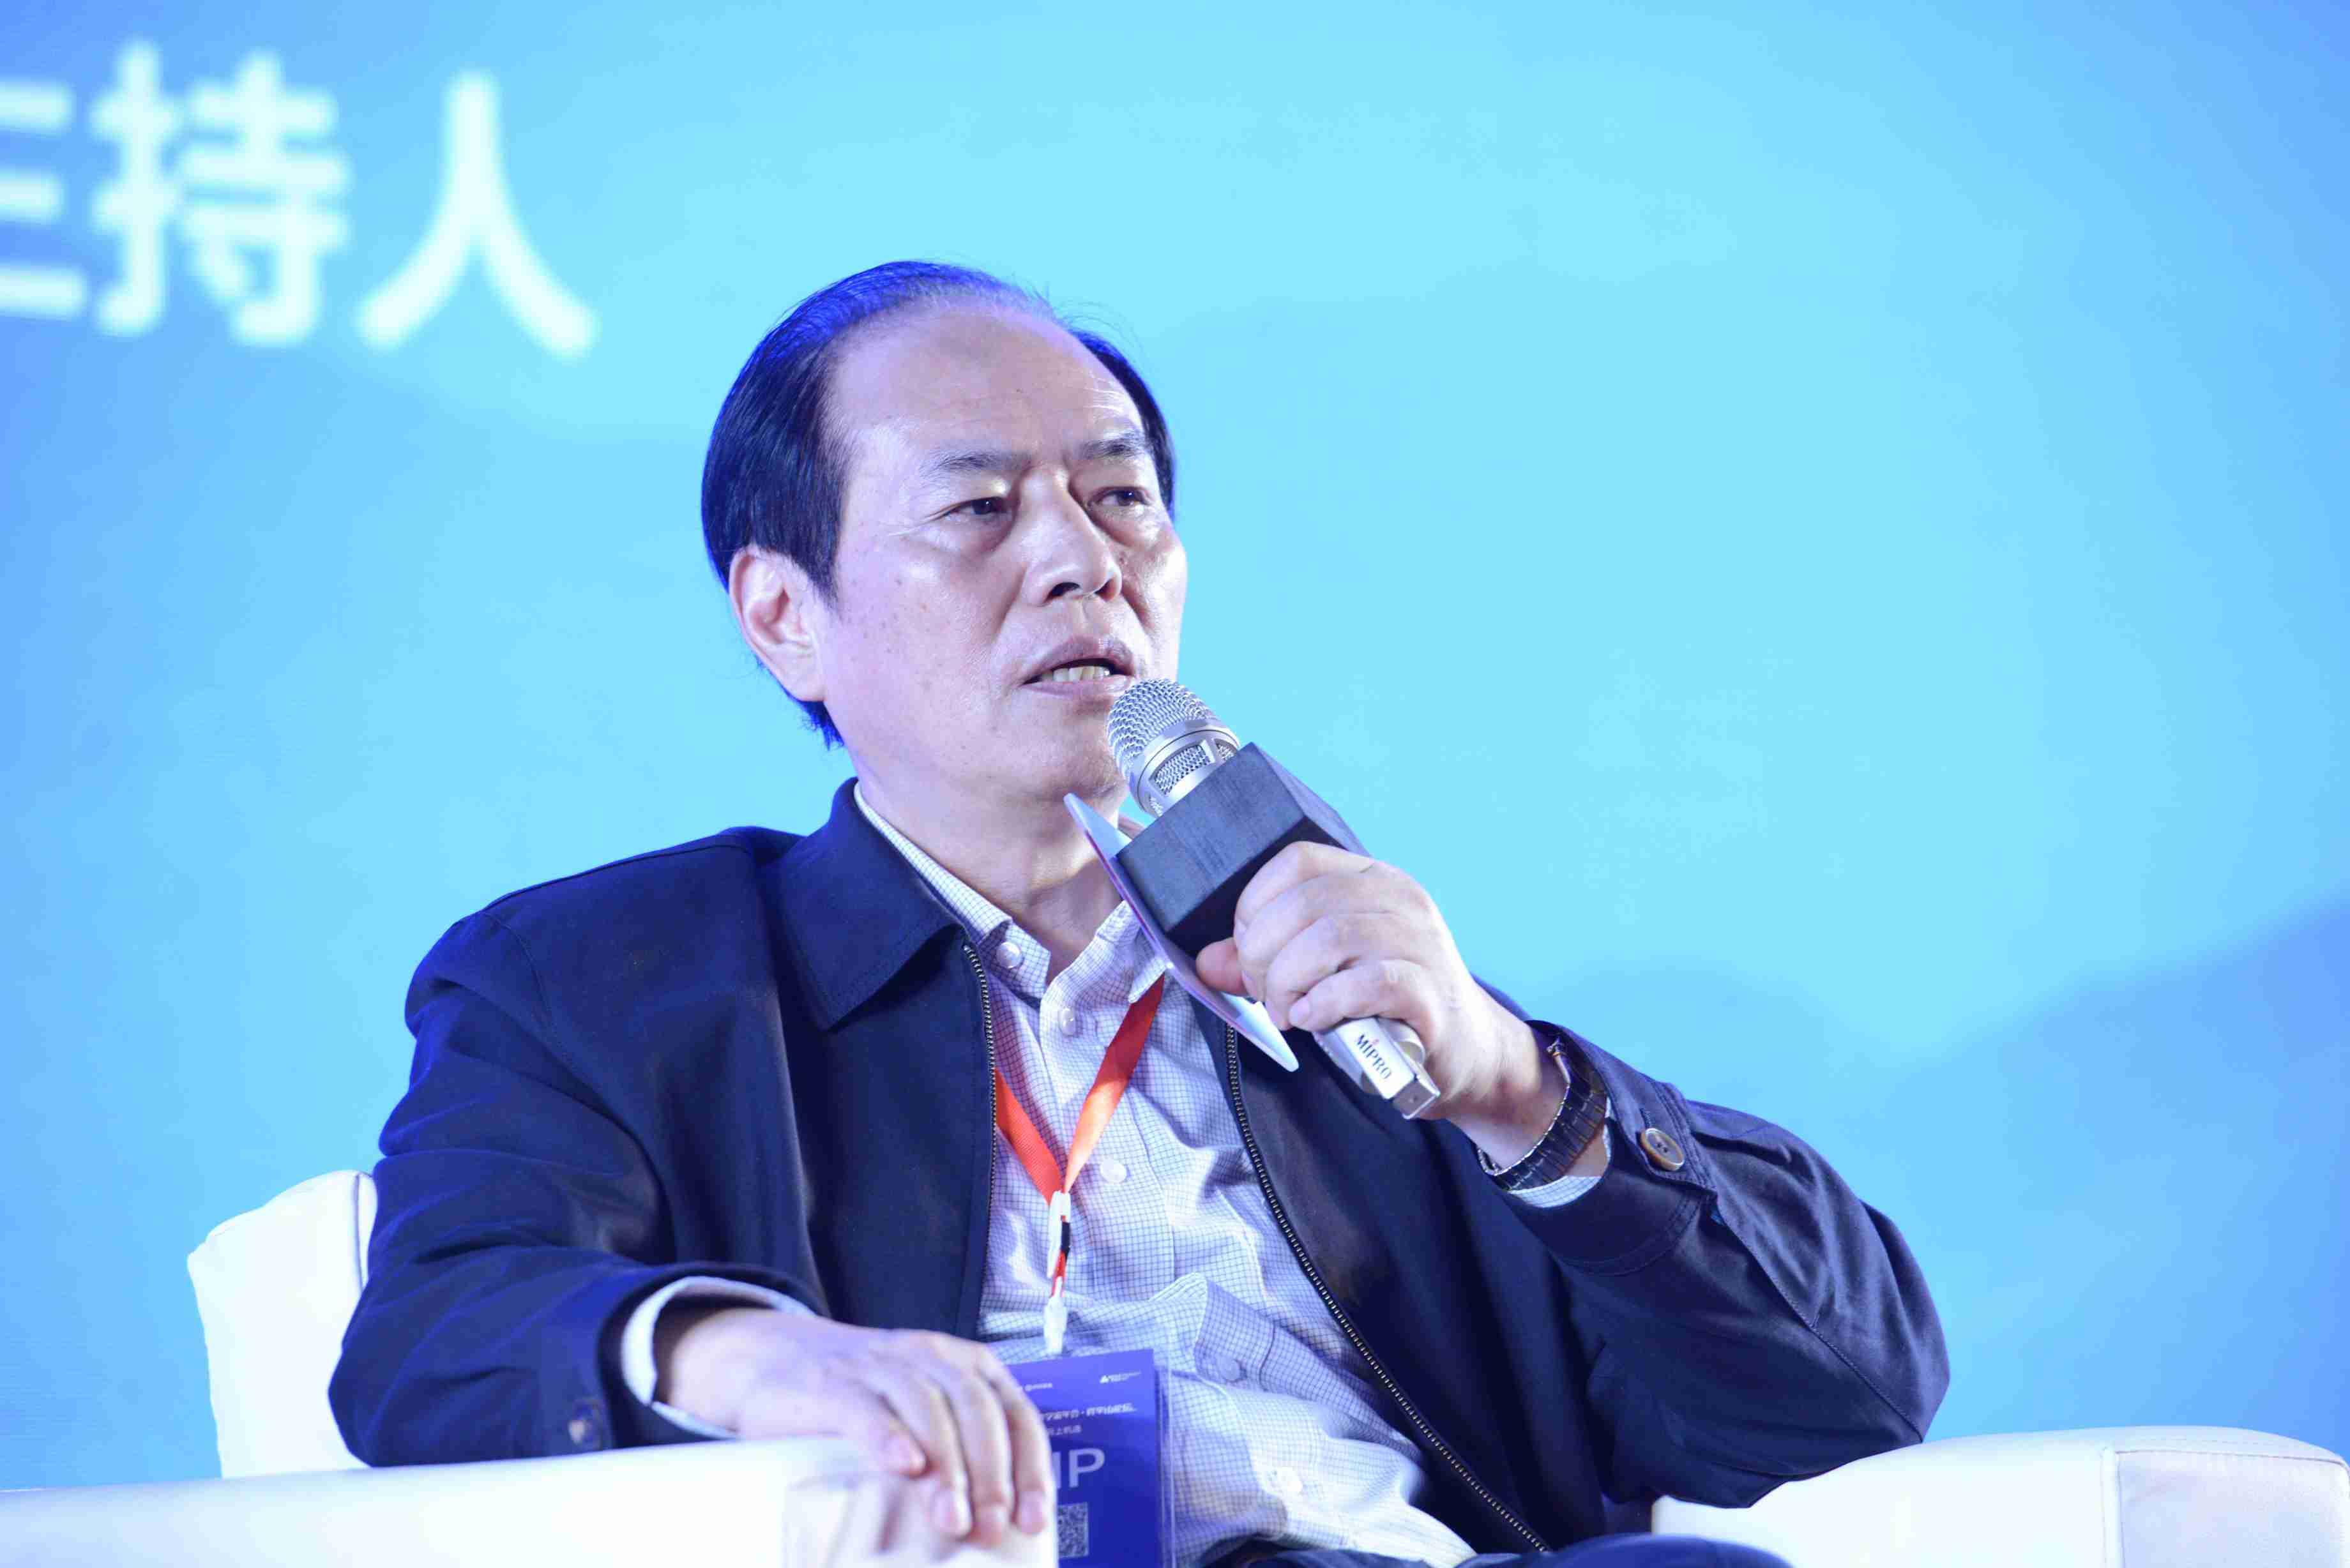 季晓南谈技术创新:要专注 不能不挣钱就搞房地产